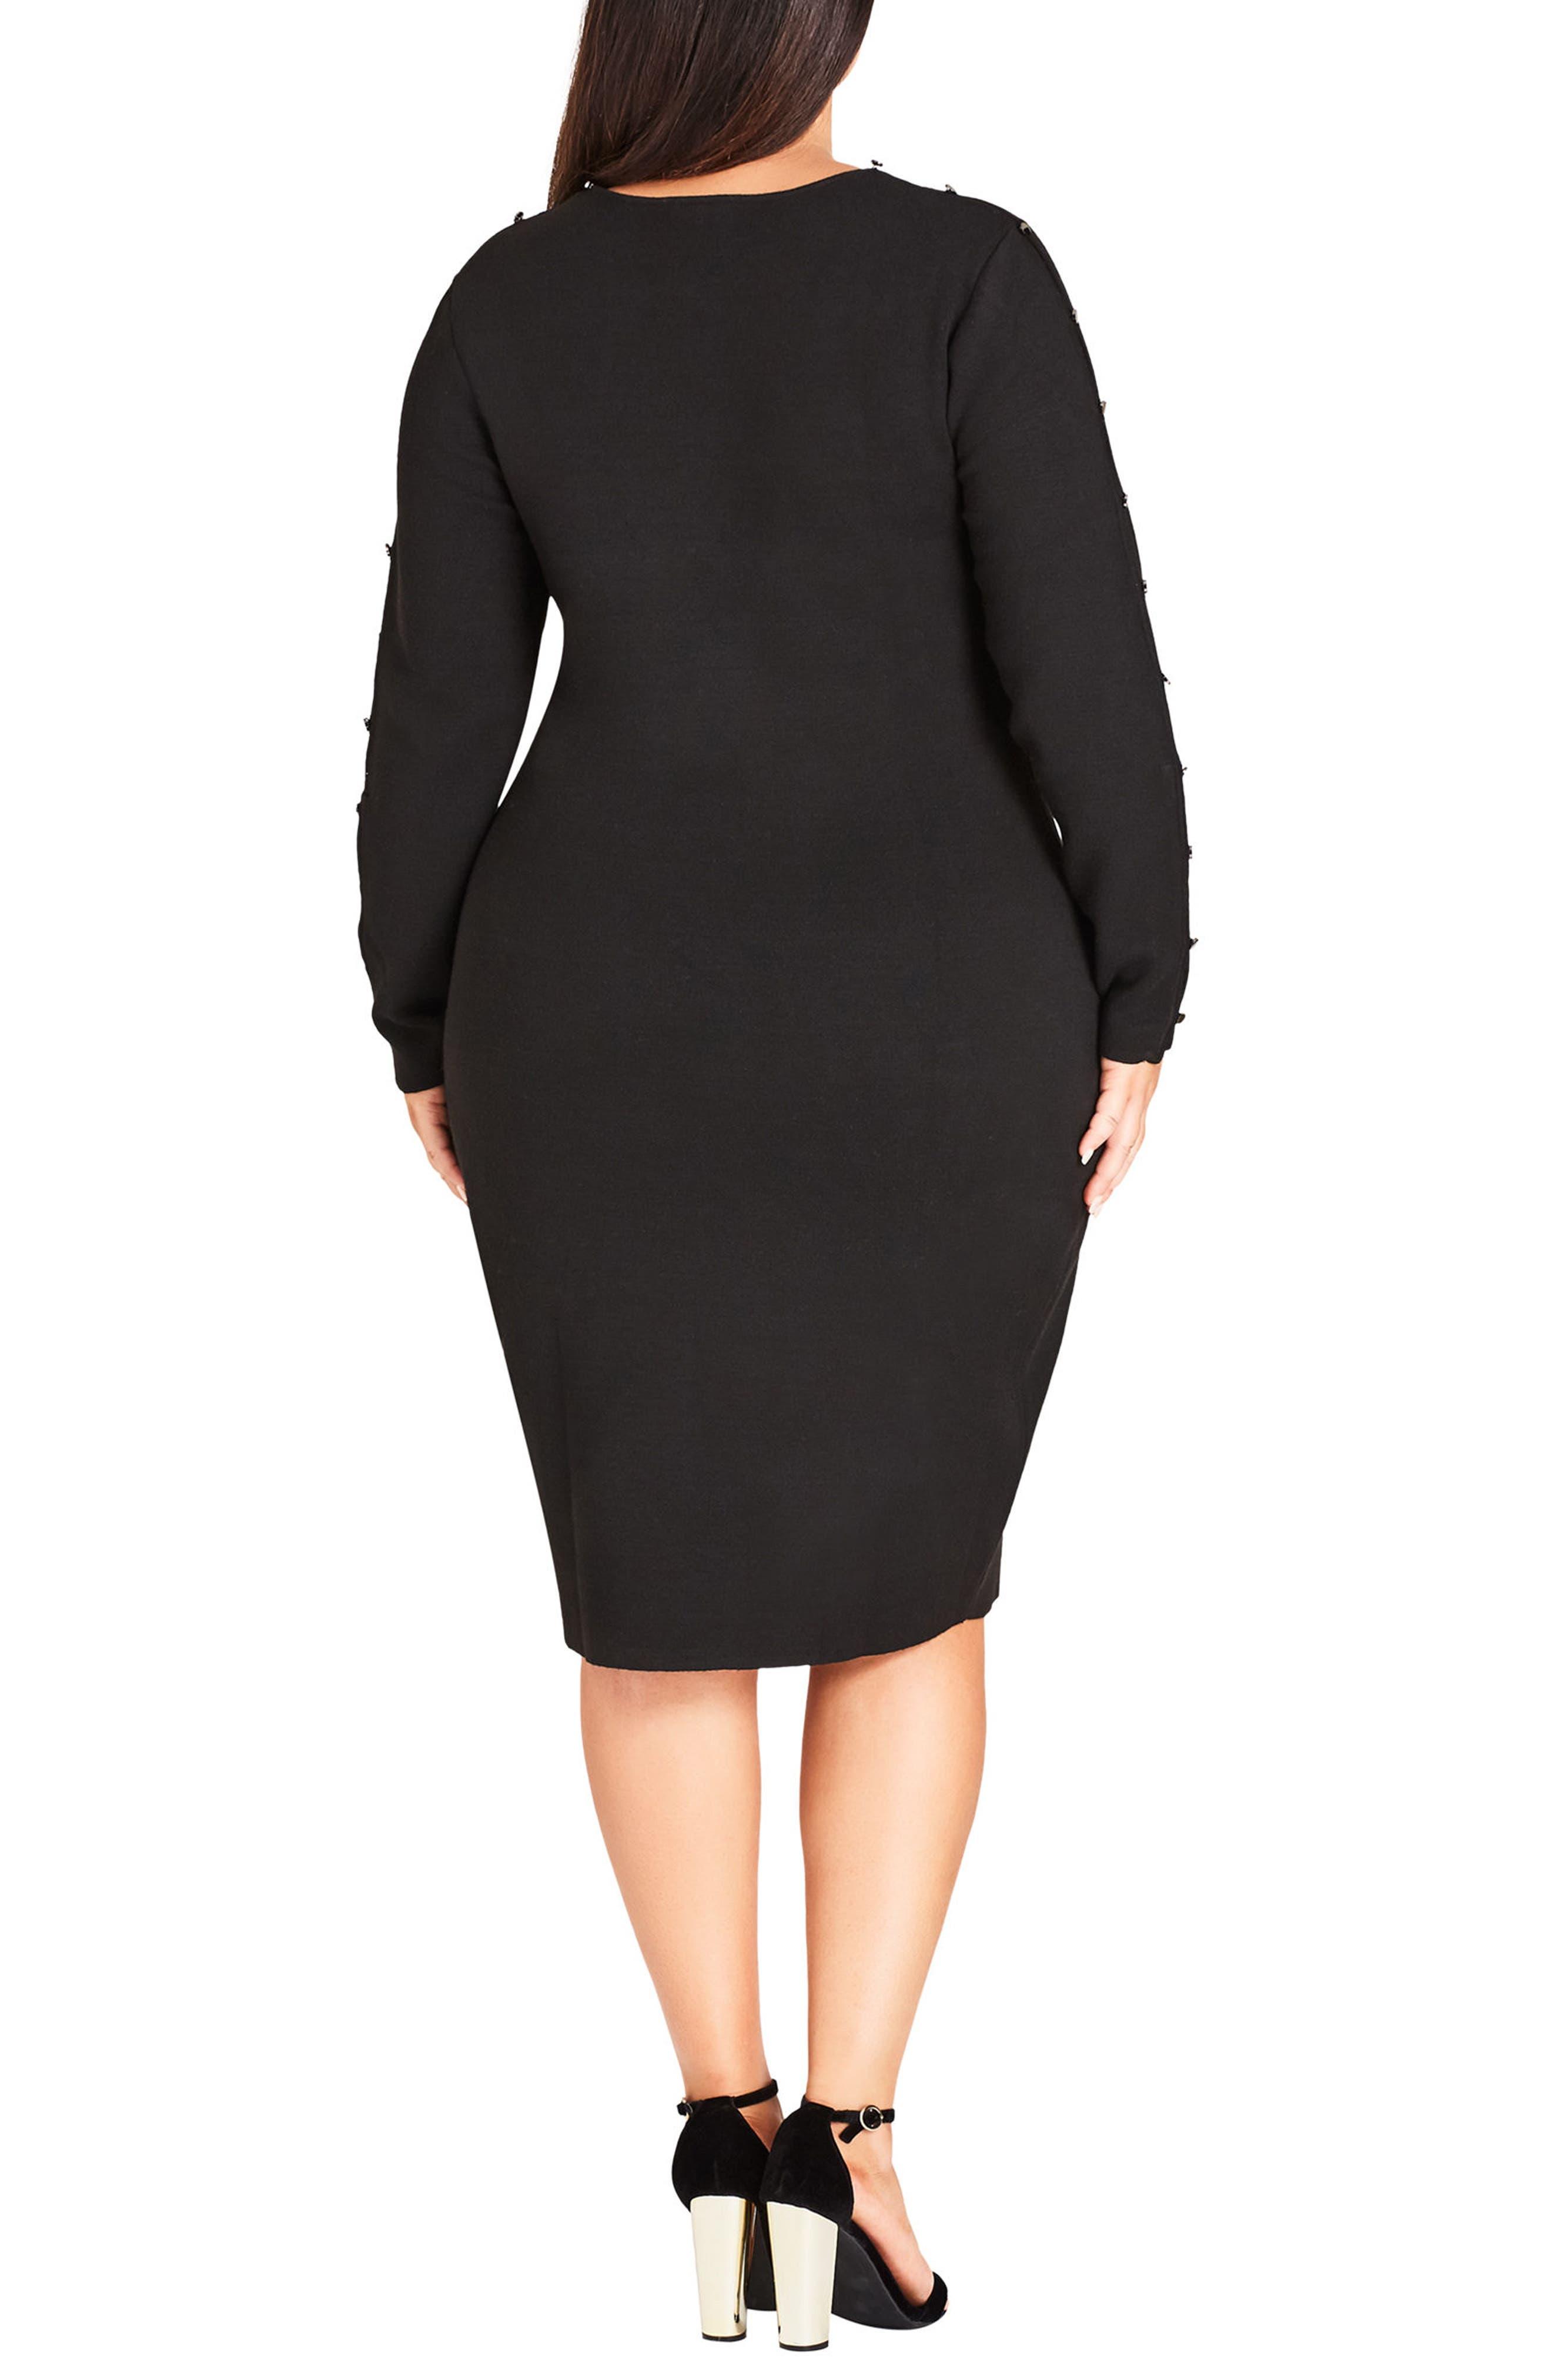 Stud Love Knit Dress,                             Alternate thumbnail 2, color,                             BLACK